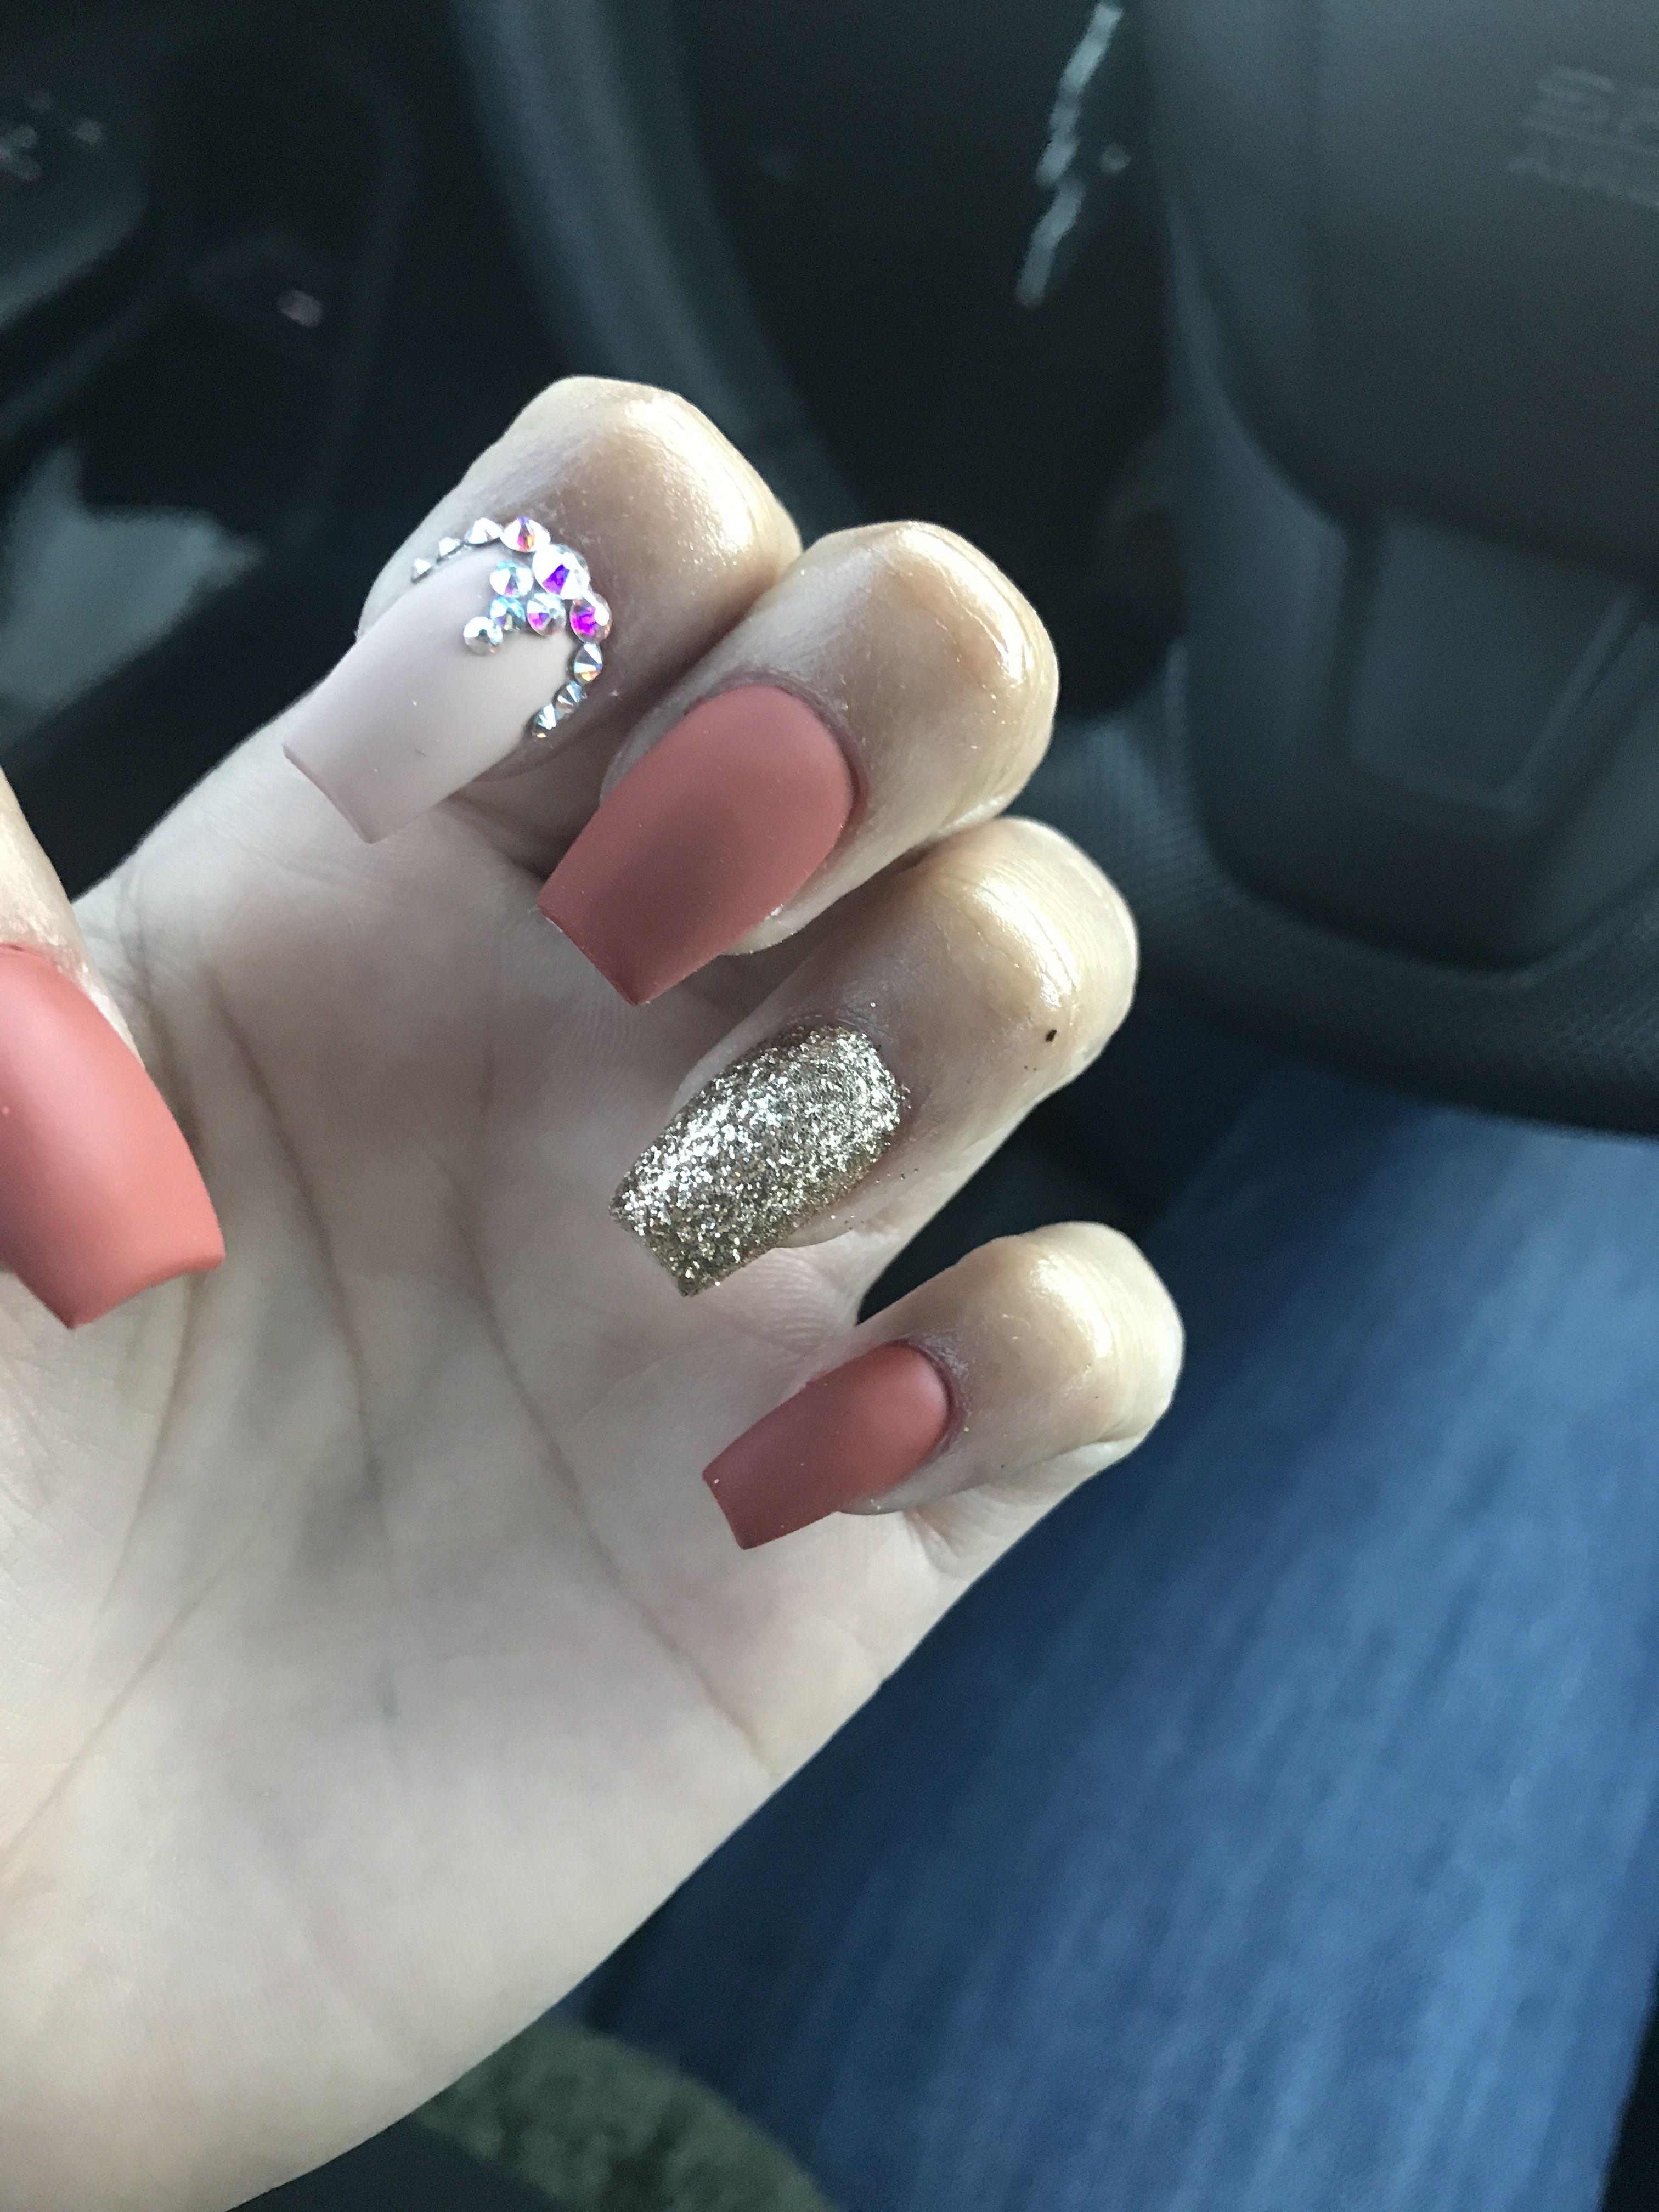 Pin by alyssa gutierrez on nails | Pinterest | Makeup and Nail nail